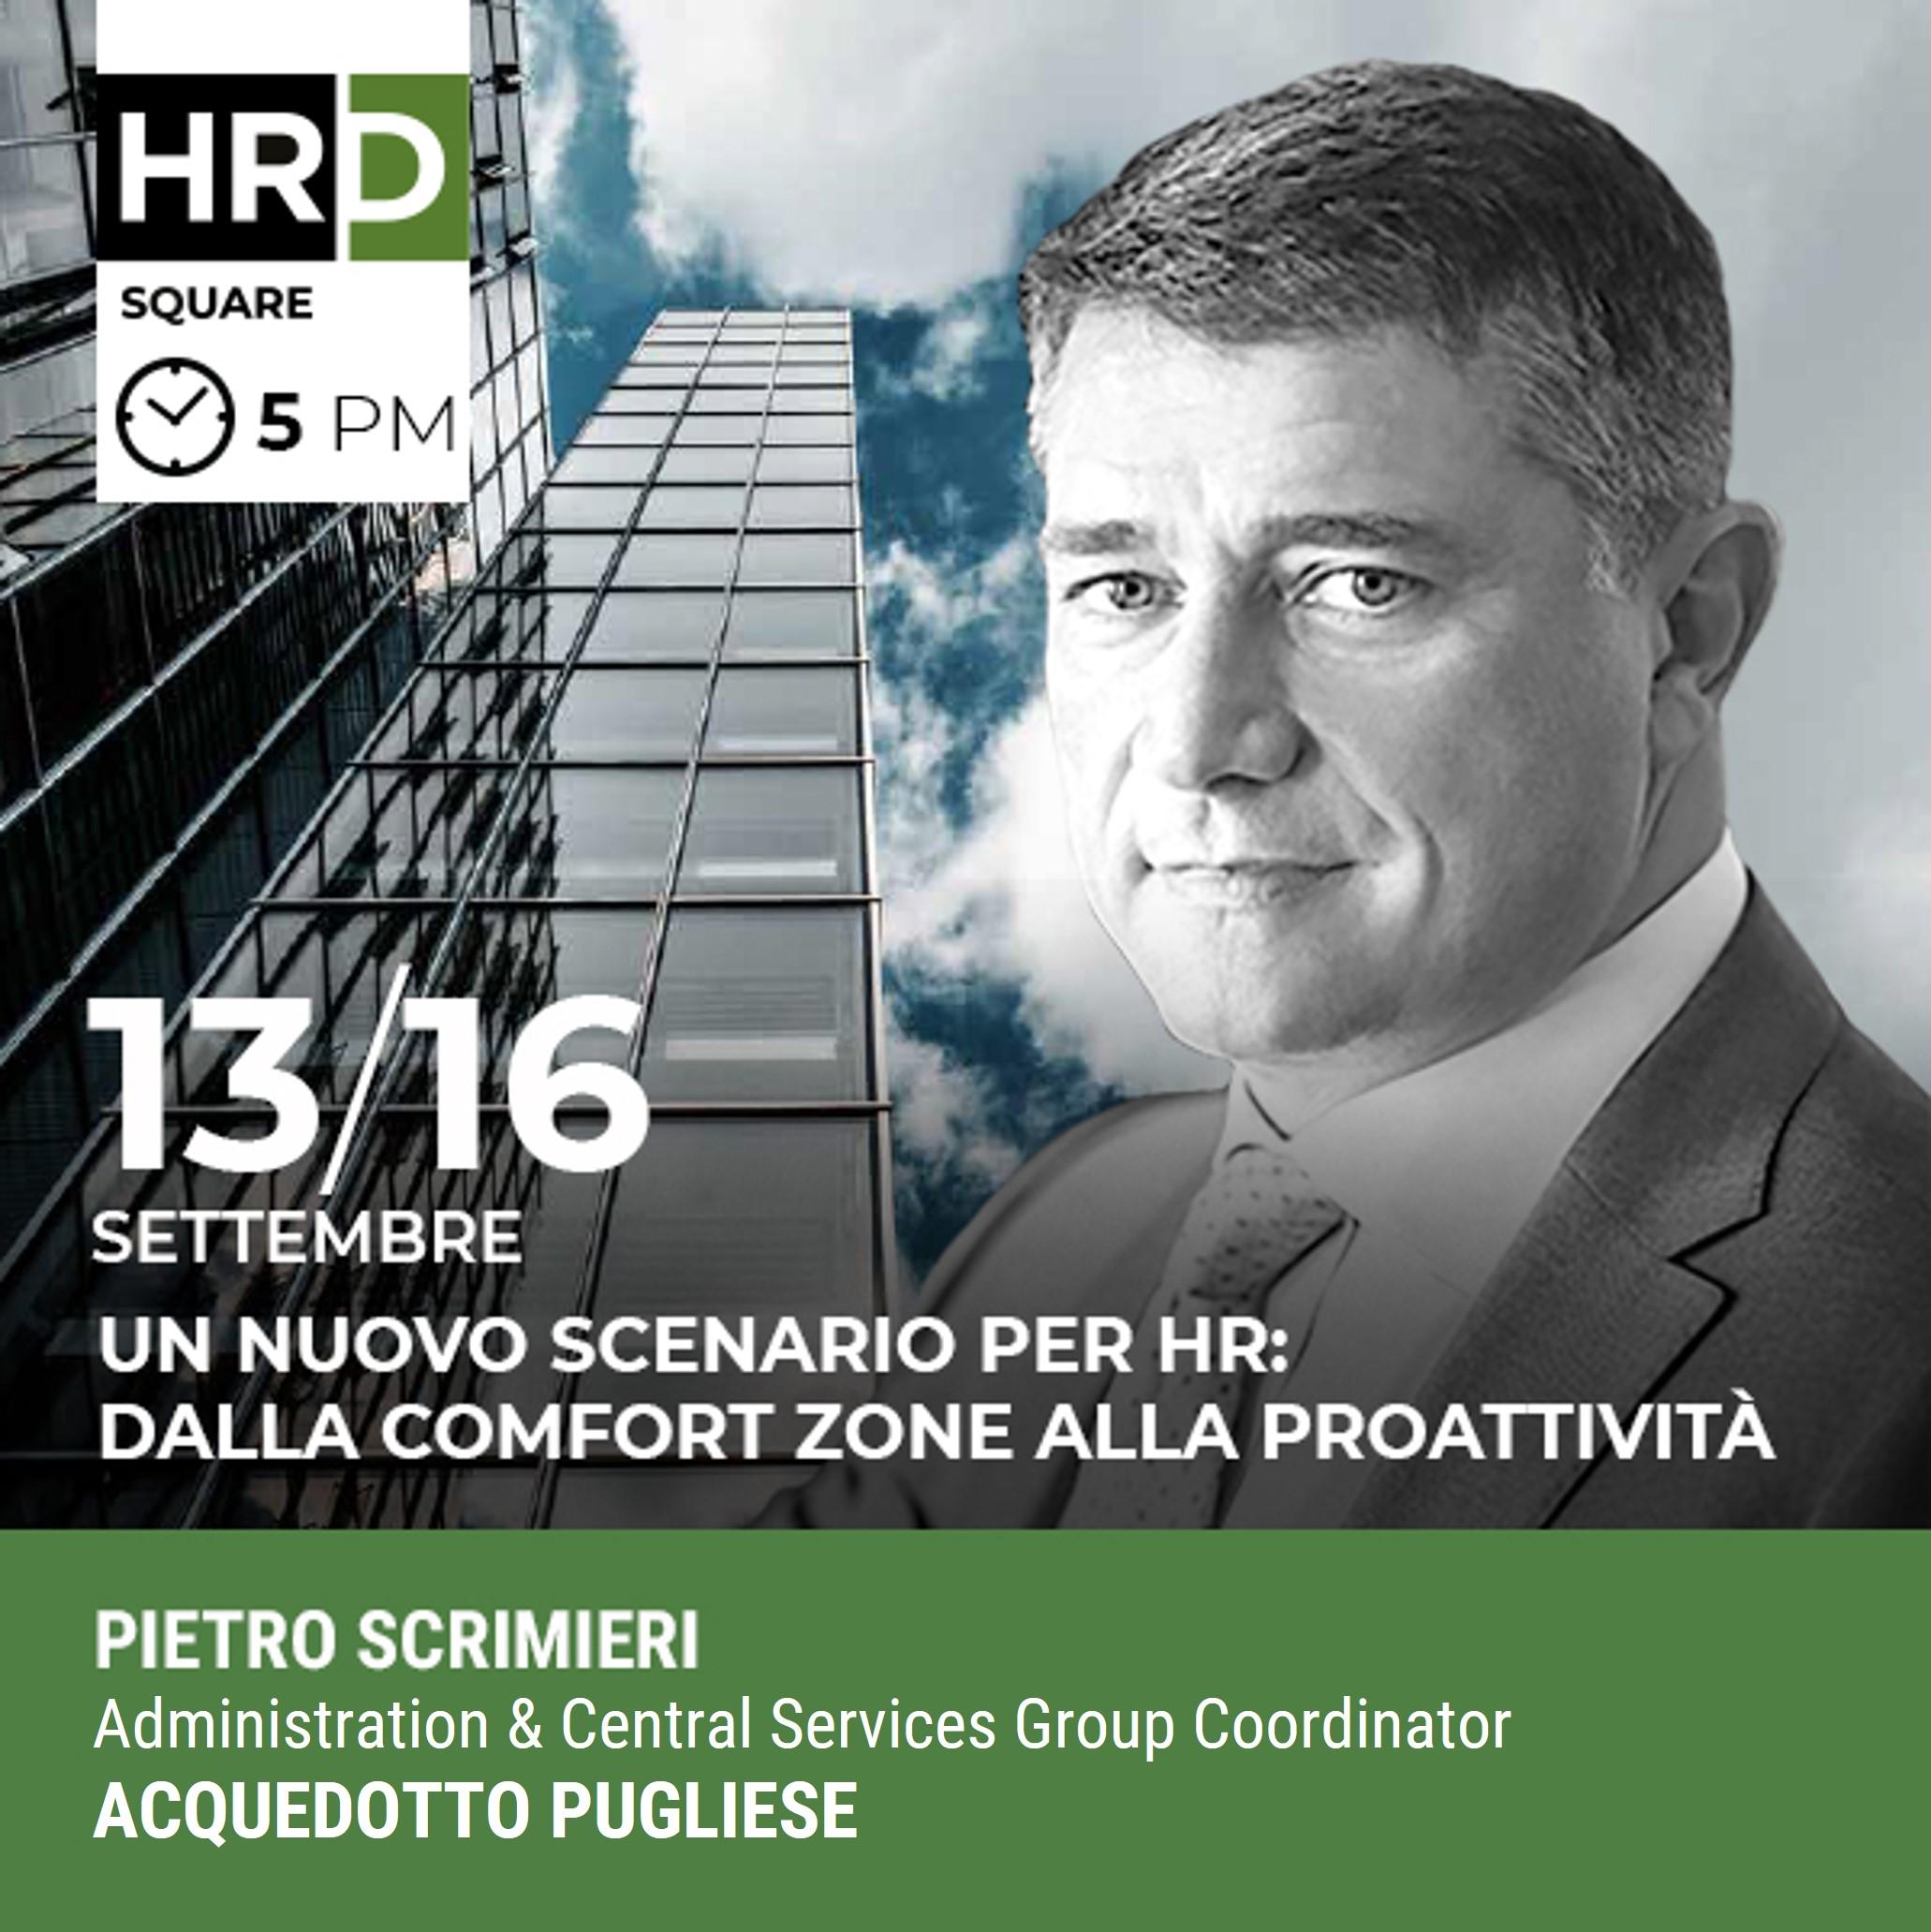 """HRD Square - COME USCIRE DALLO SLOGAN """"LA PERSONA AL CENTRO """". COME HR CI ST ..."""